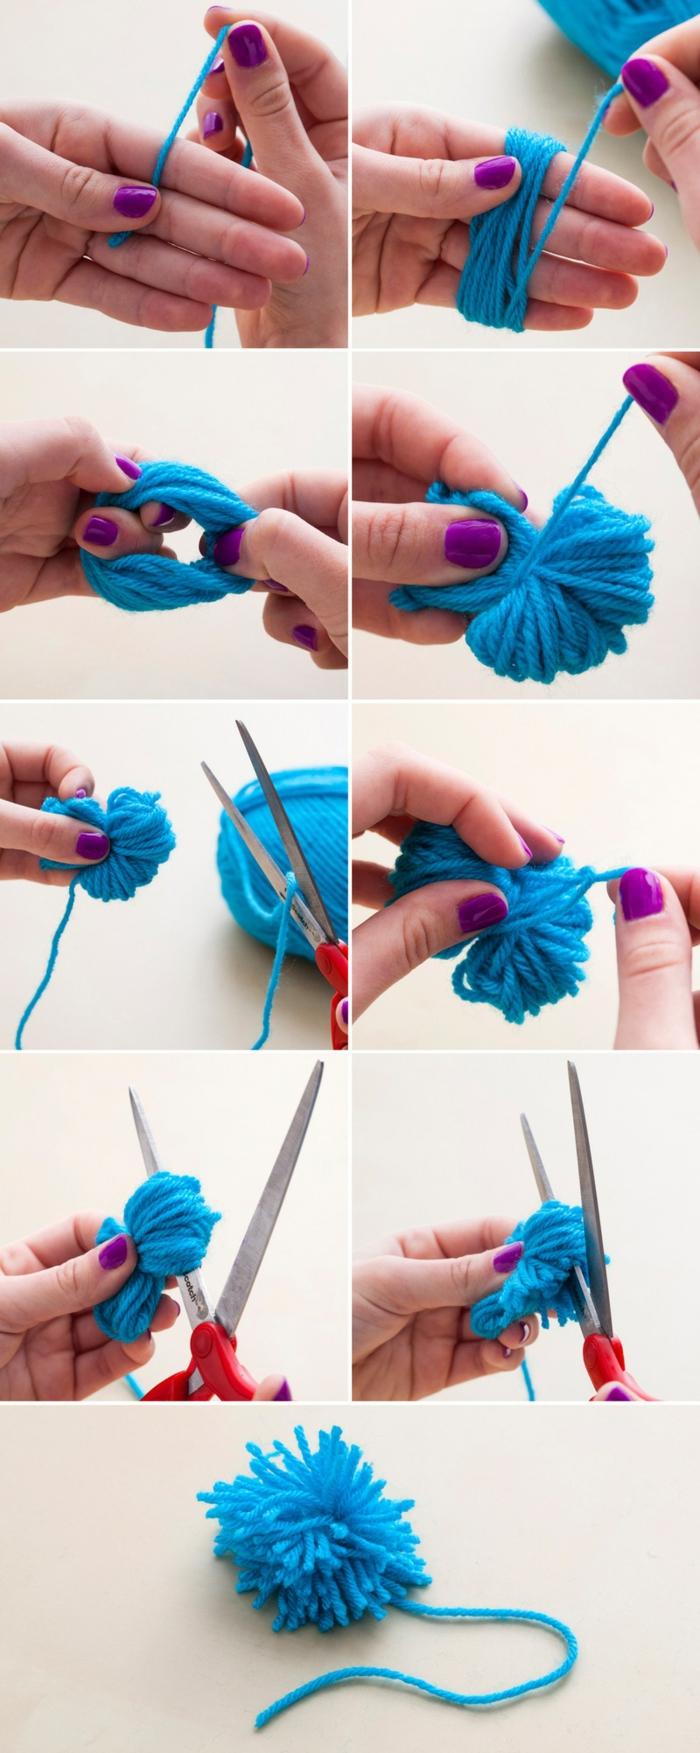 pas à pas fabrication pompons, idée que faire avec pompons, diy tapis ombré en pompons bleus et blancs, création pompon